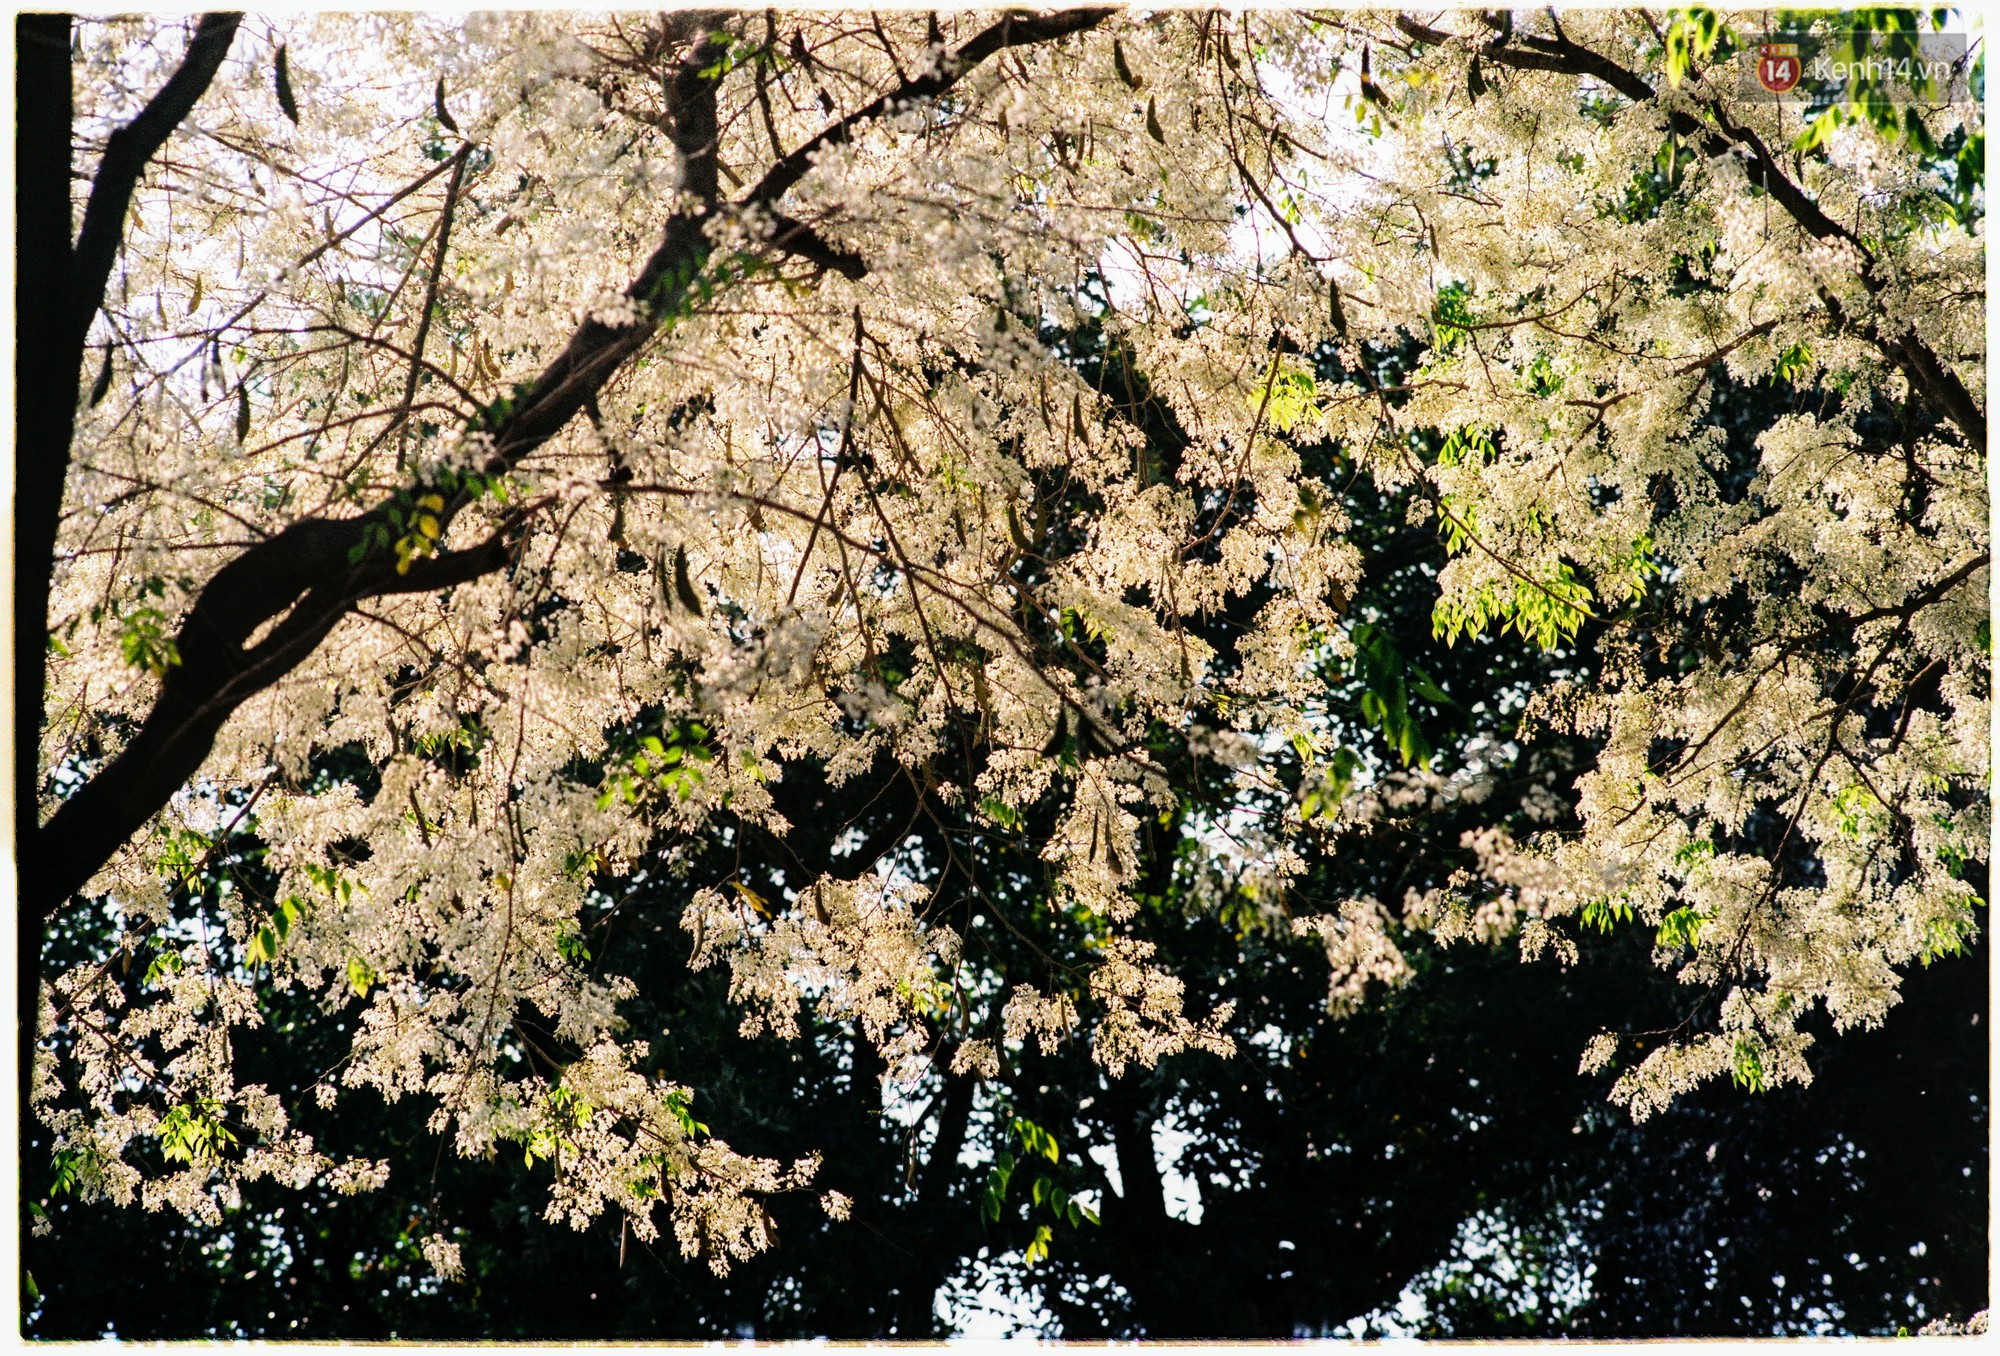 Hà Nội những ngày se lạnh, nắng đẹp và lá đỏ rợp góc phố - Ảnh 6.